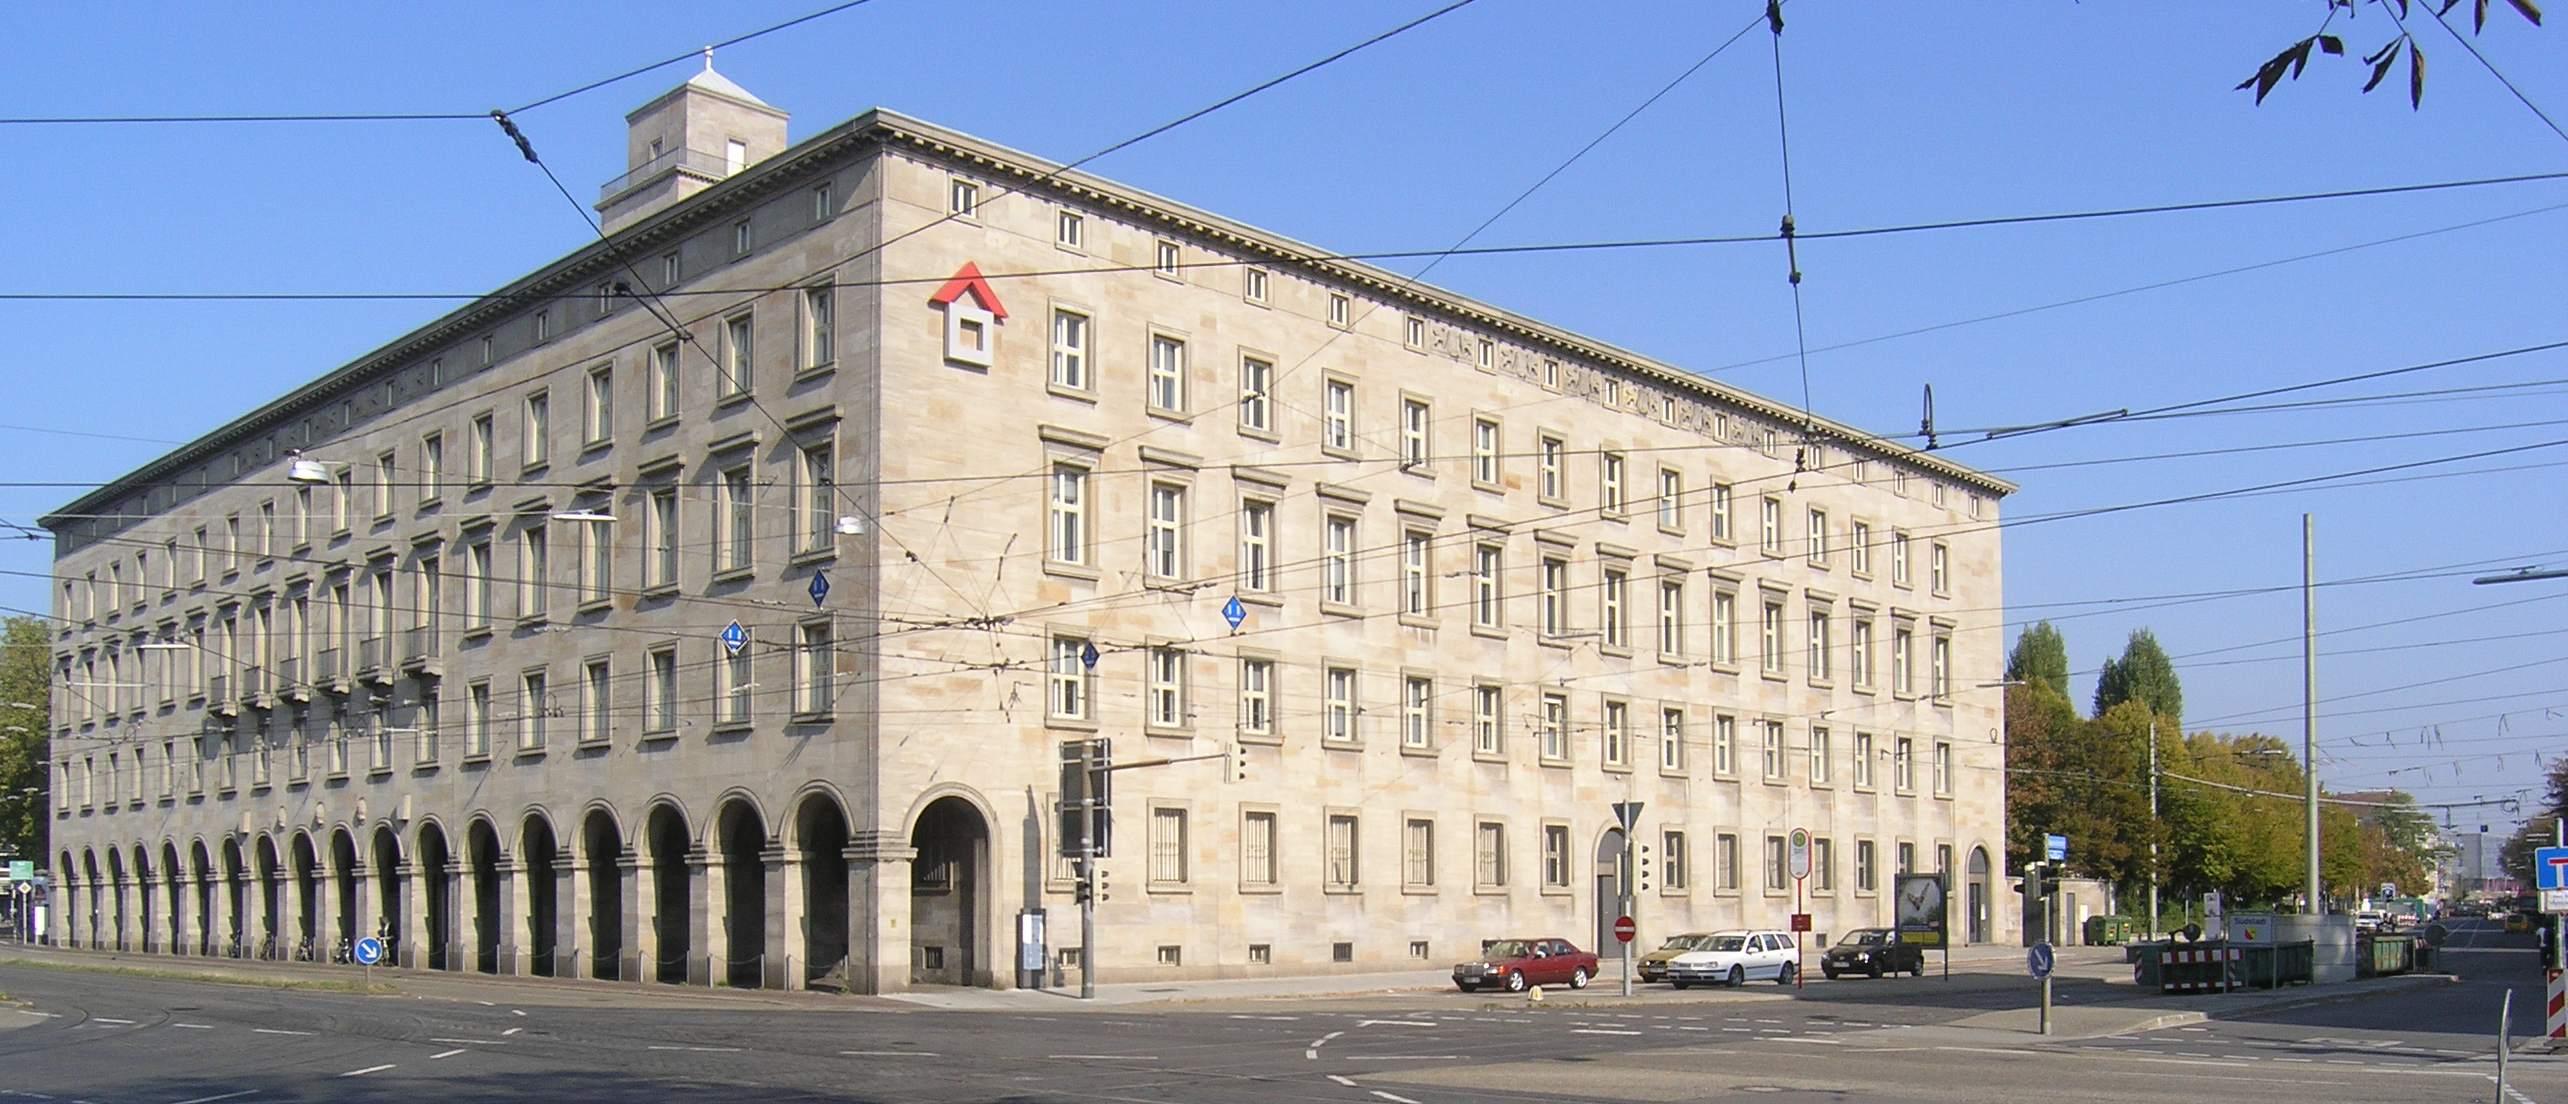 Nationalsozialistische architektur for Architektur ns zeit